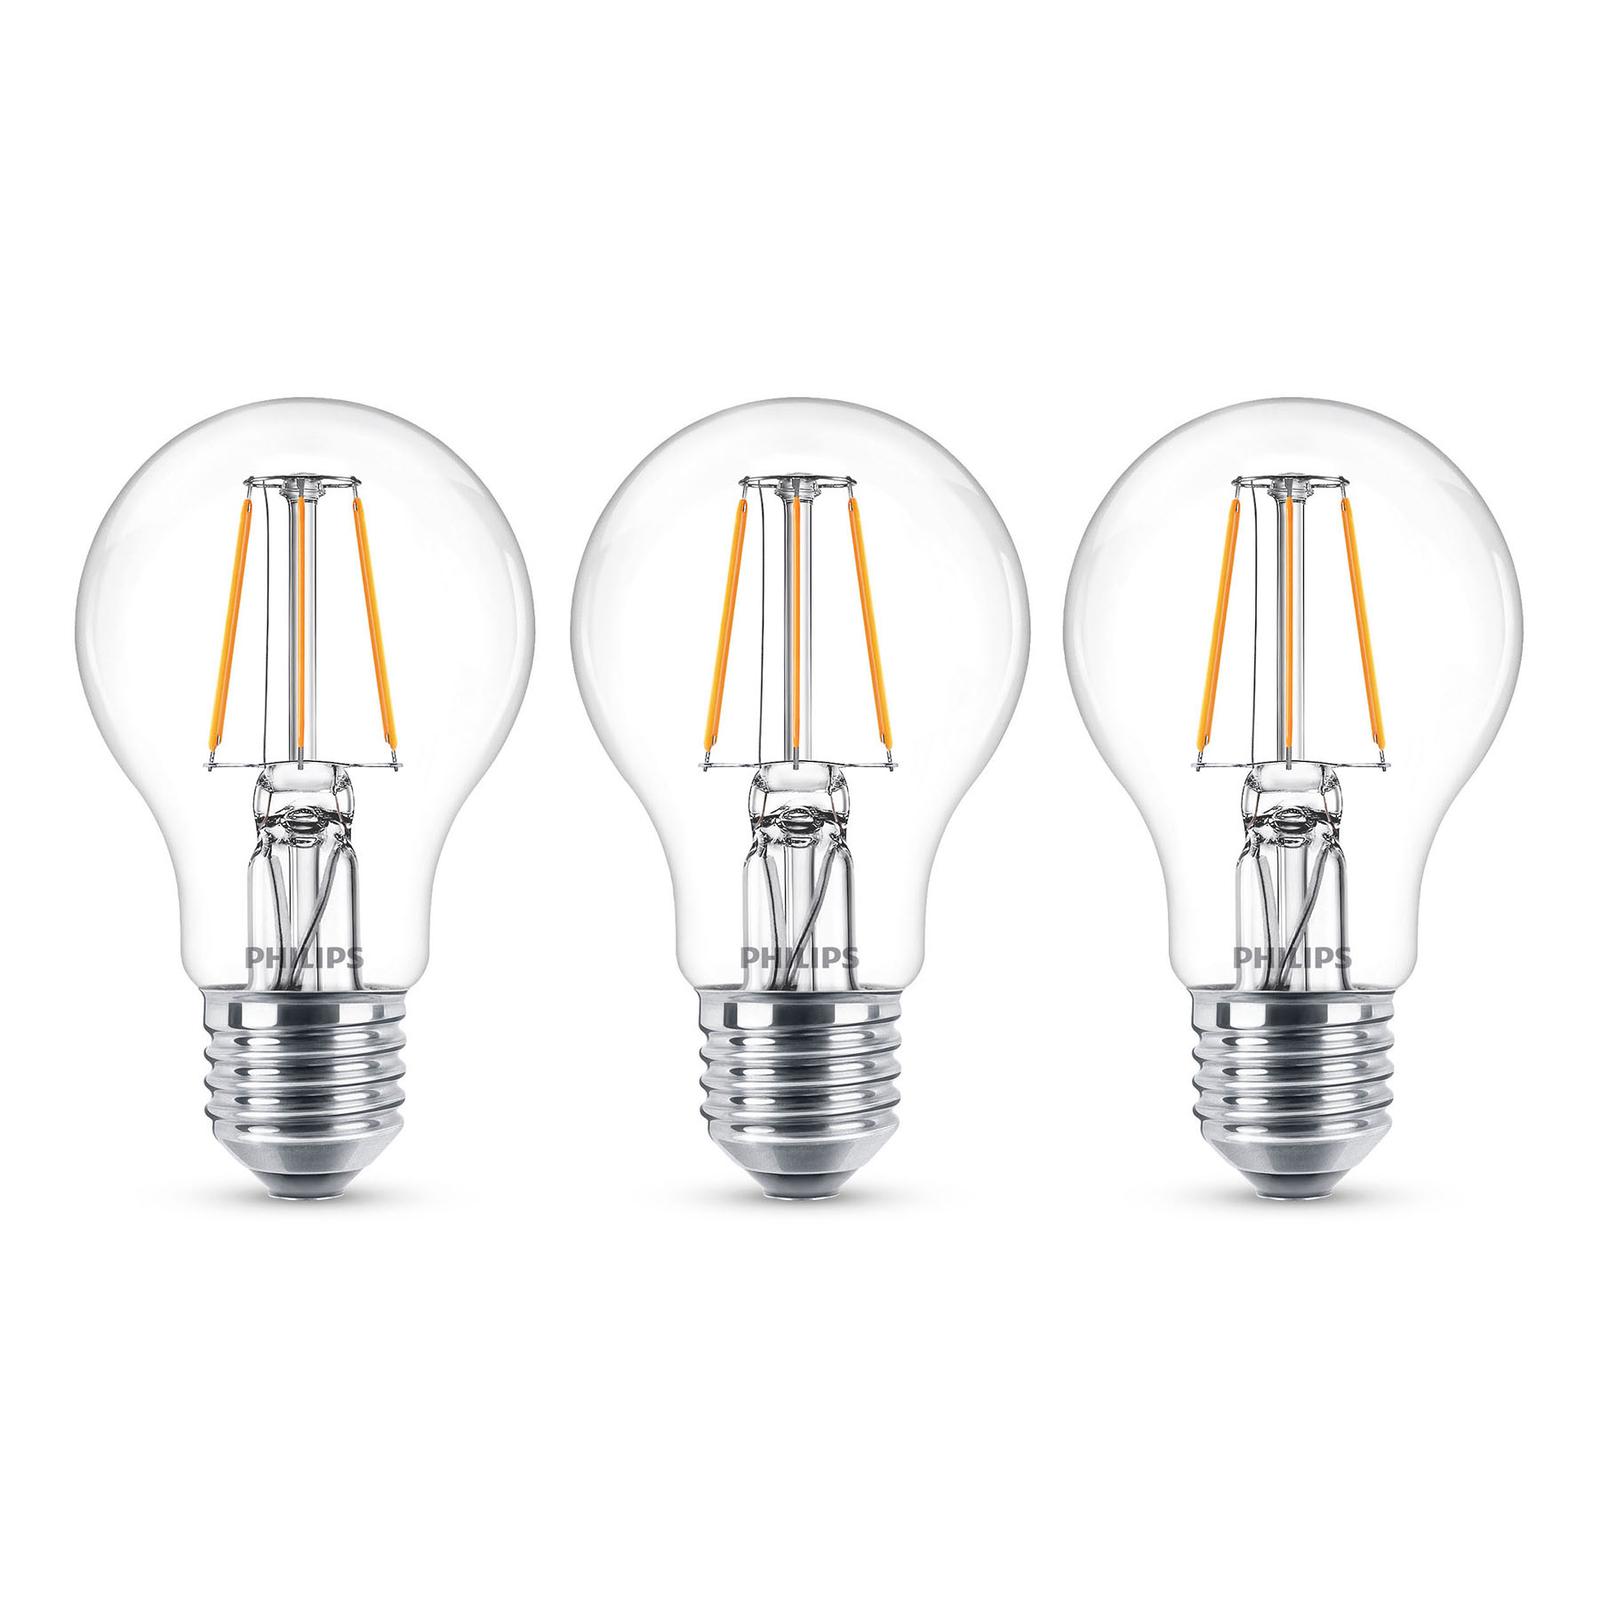 Philips żarówka LED Classic E27 4,3W 2700K